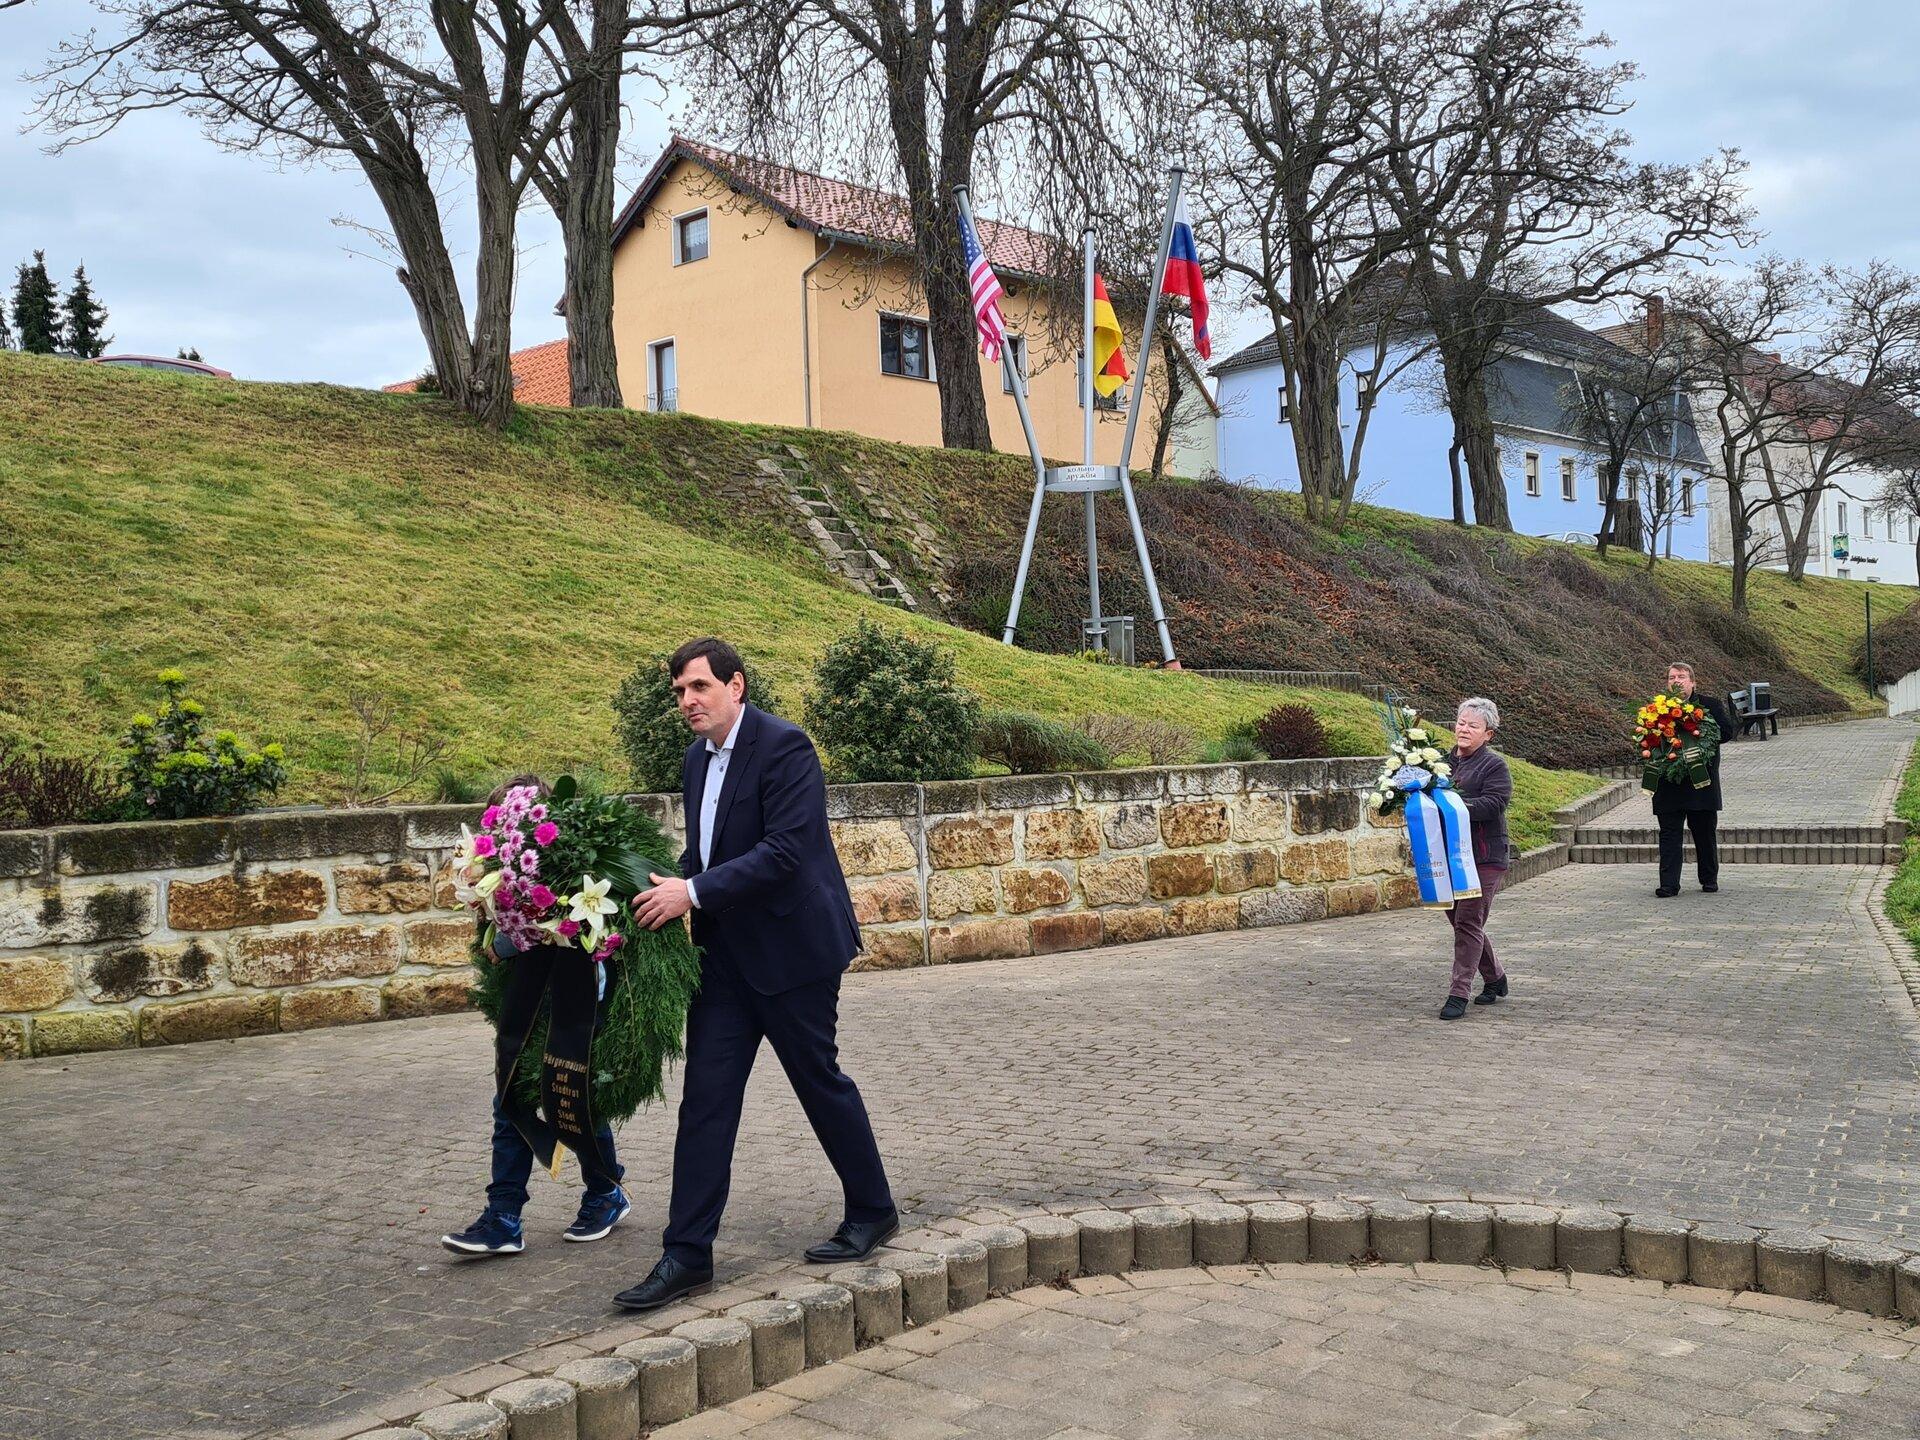 Bürgermeister Herr Jeromin bei der Kranzniederlegung